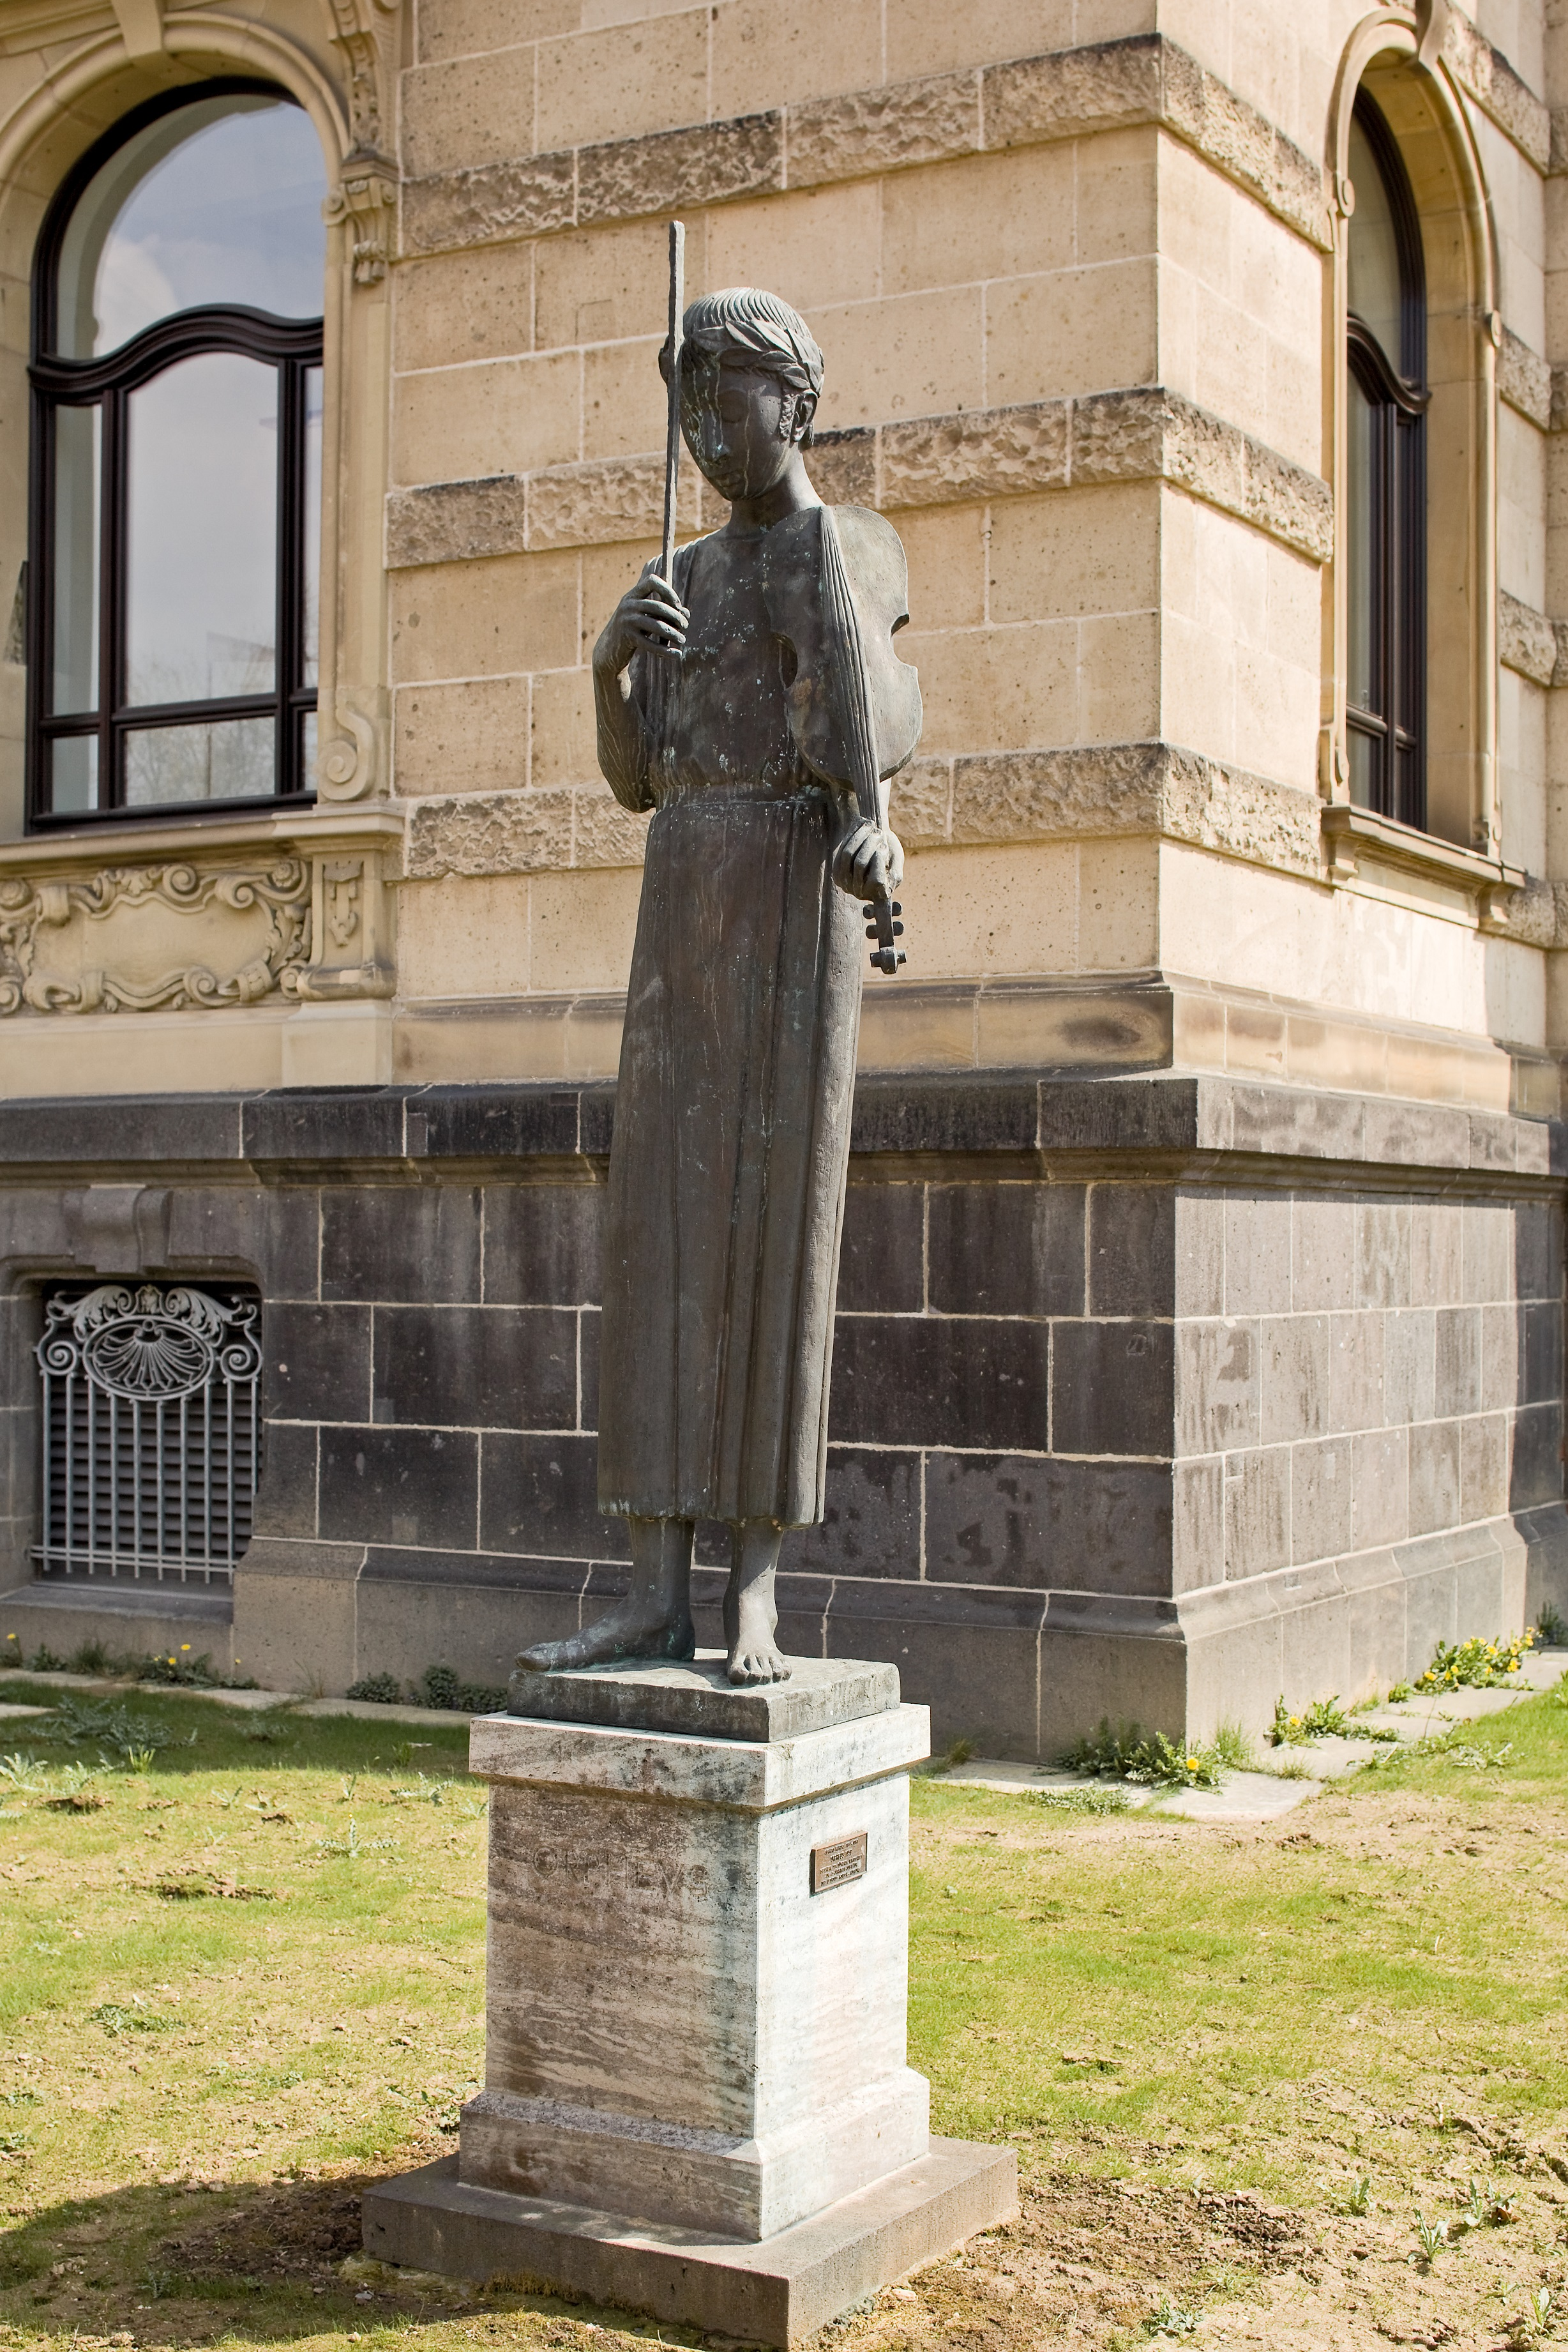 Bronzefigur mit Geige in Hand